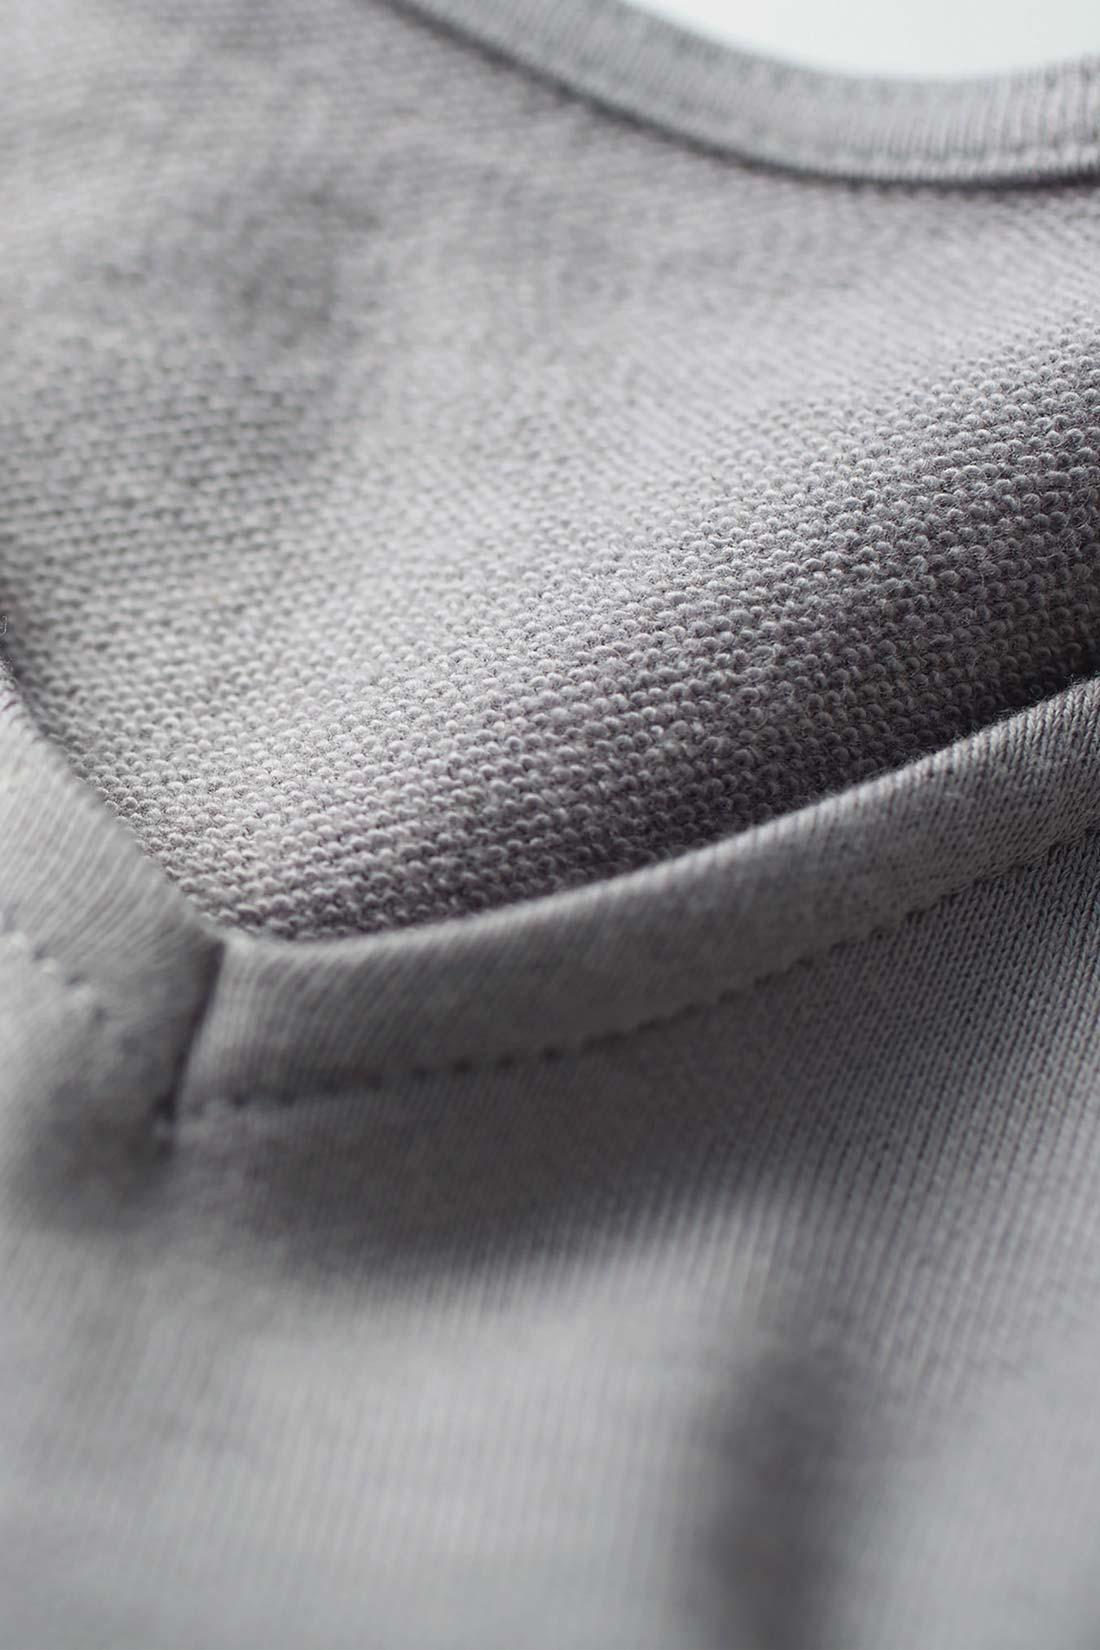 綿100%のスウェット素材で、おうち洗いOK。ミニ裏毛の軽やかな肌心地が春にうれしい。 ※お届けするカラーとは異なります。